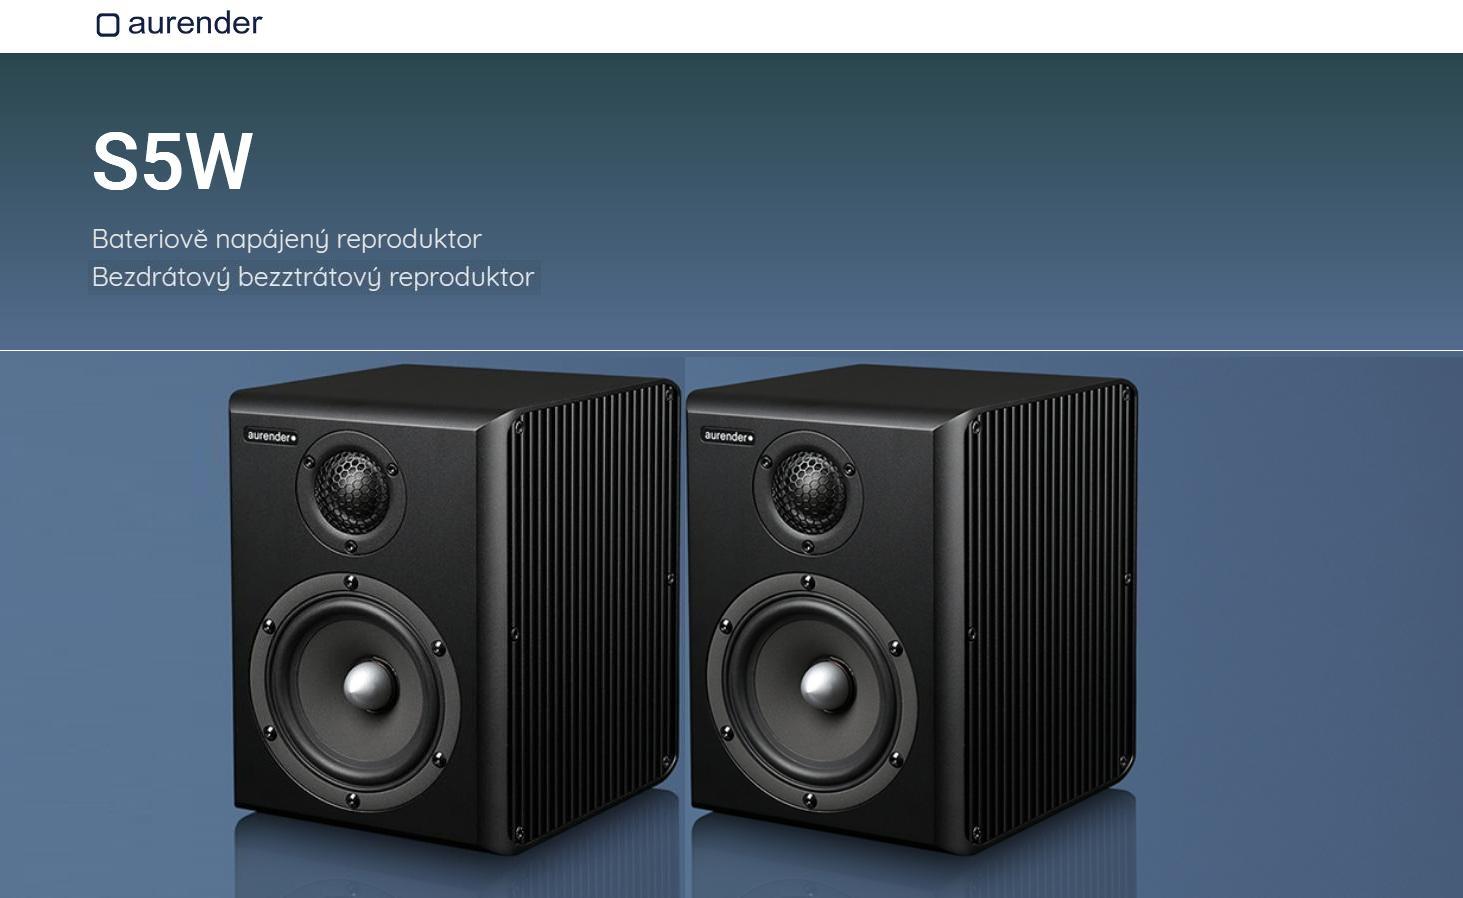 Aurender S5W Barevné provedení: černé